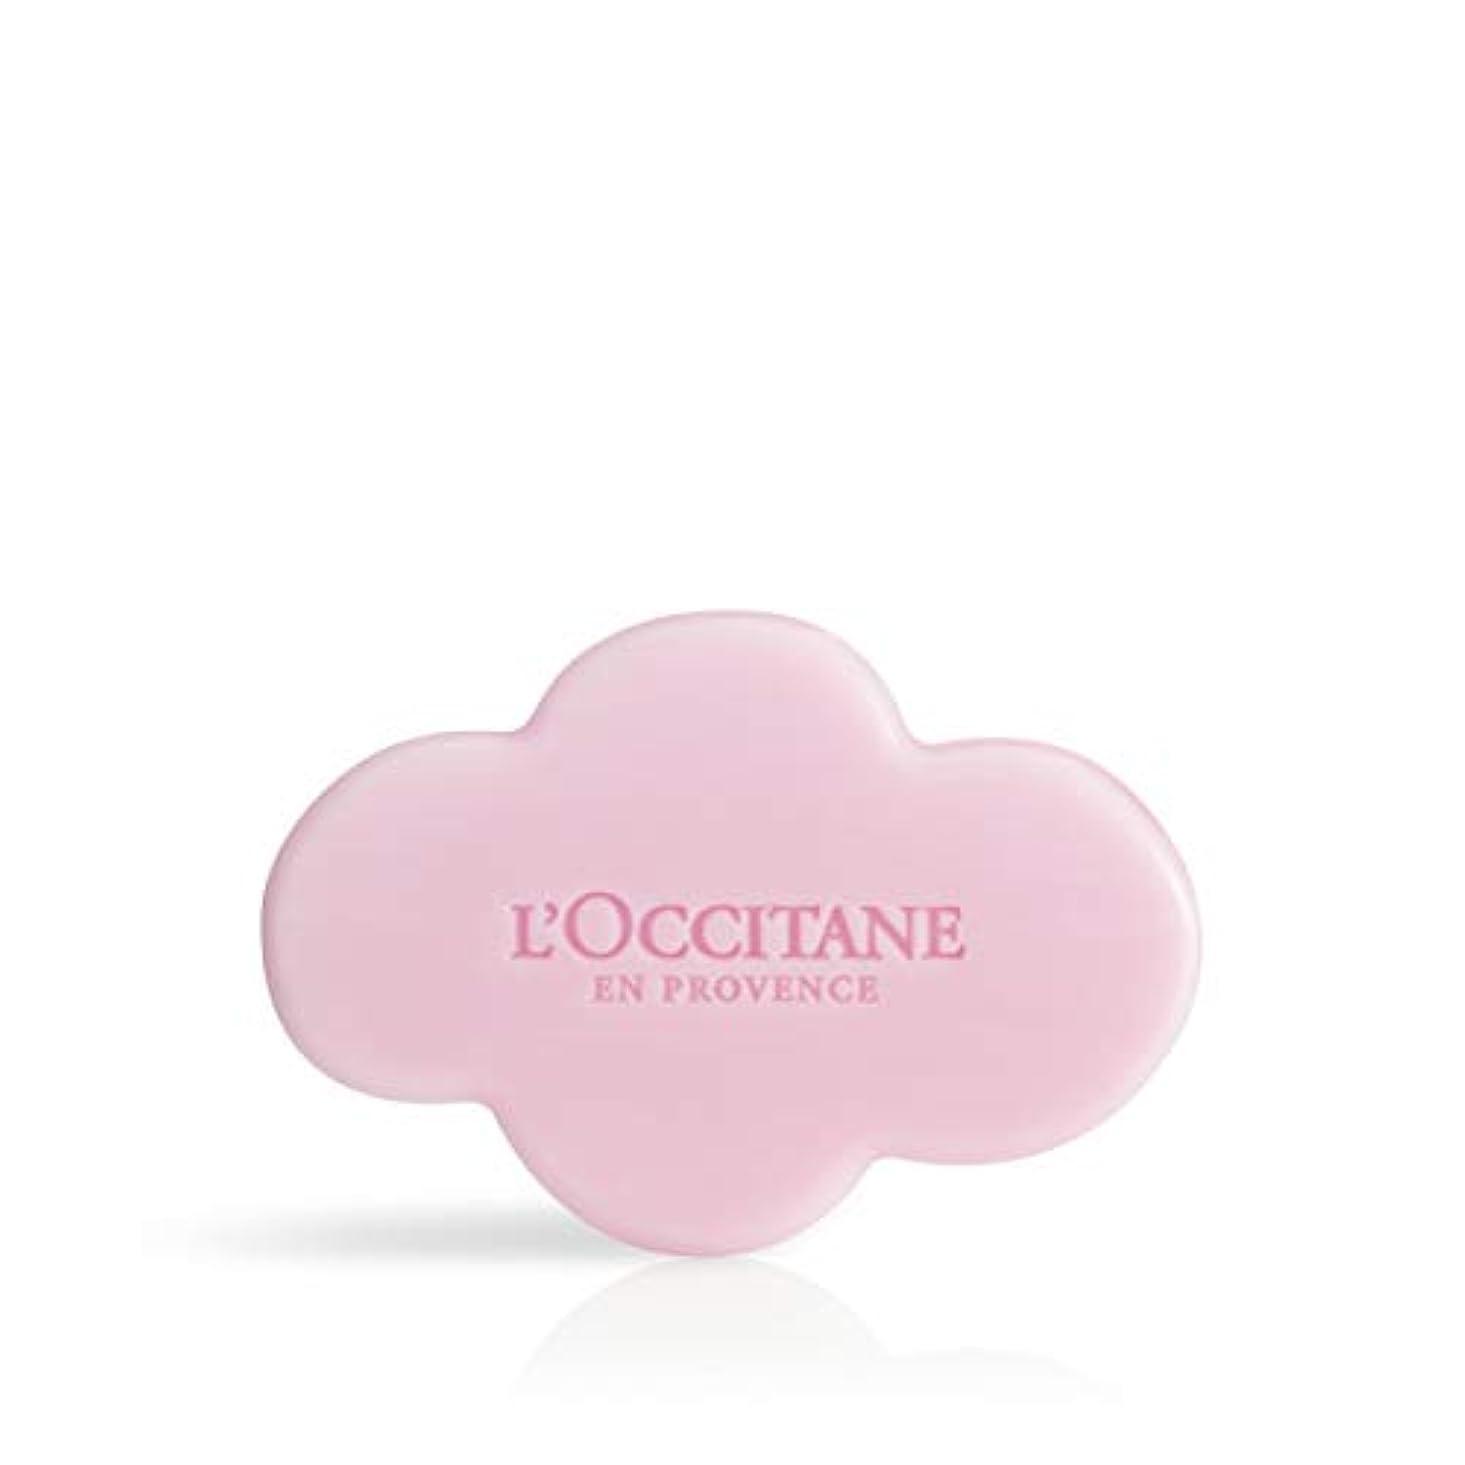 退屈させる重要性反対にロクシタン(L'OCCITANE) フェスティブガーデン シア ソープ 150g 石鹸 スパークリングフローラル